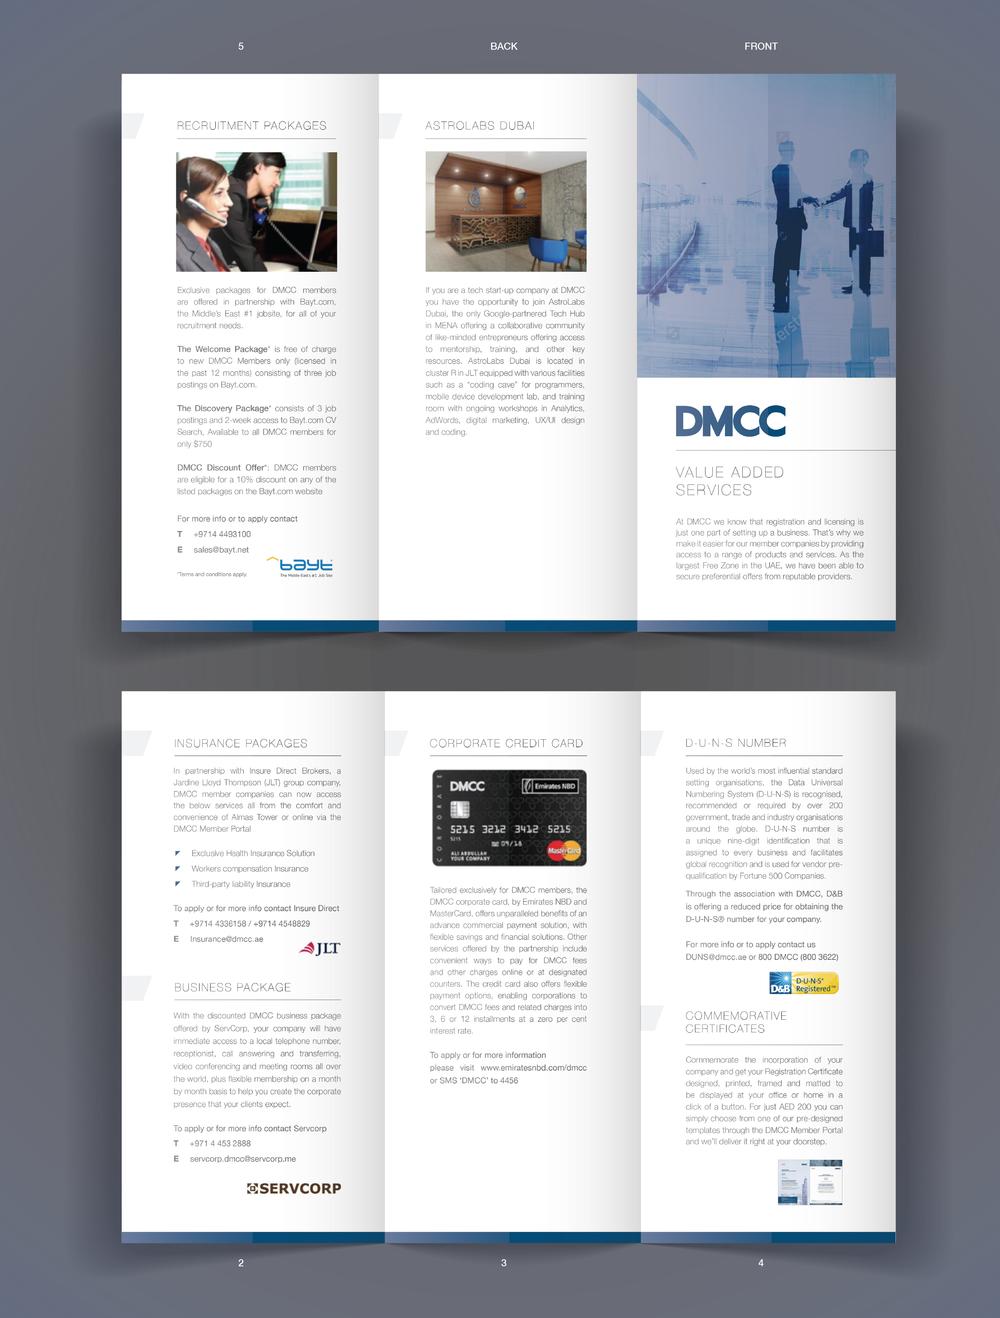 dmcc_brochure-01.png